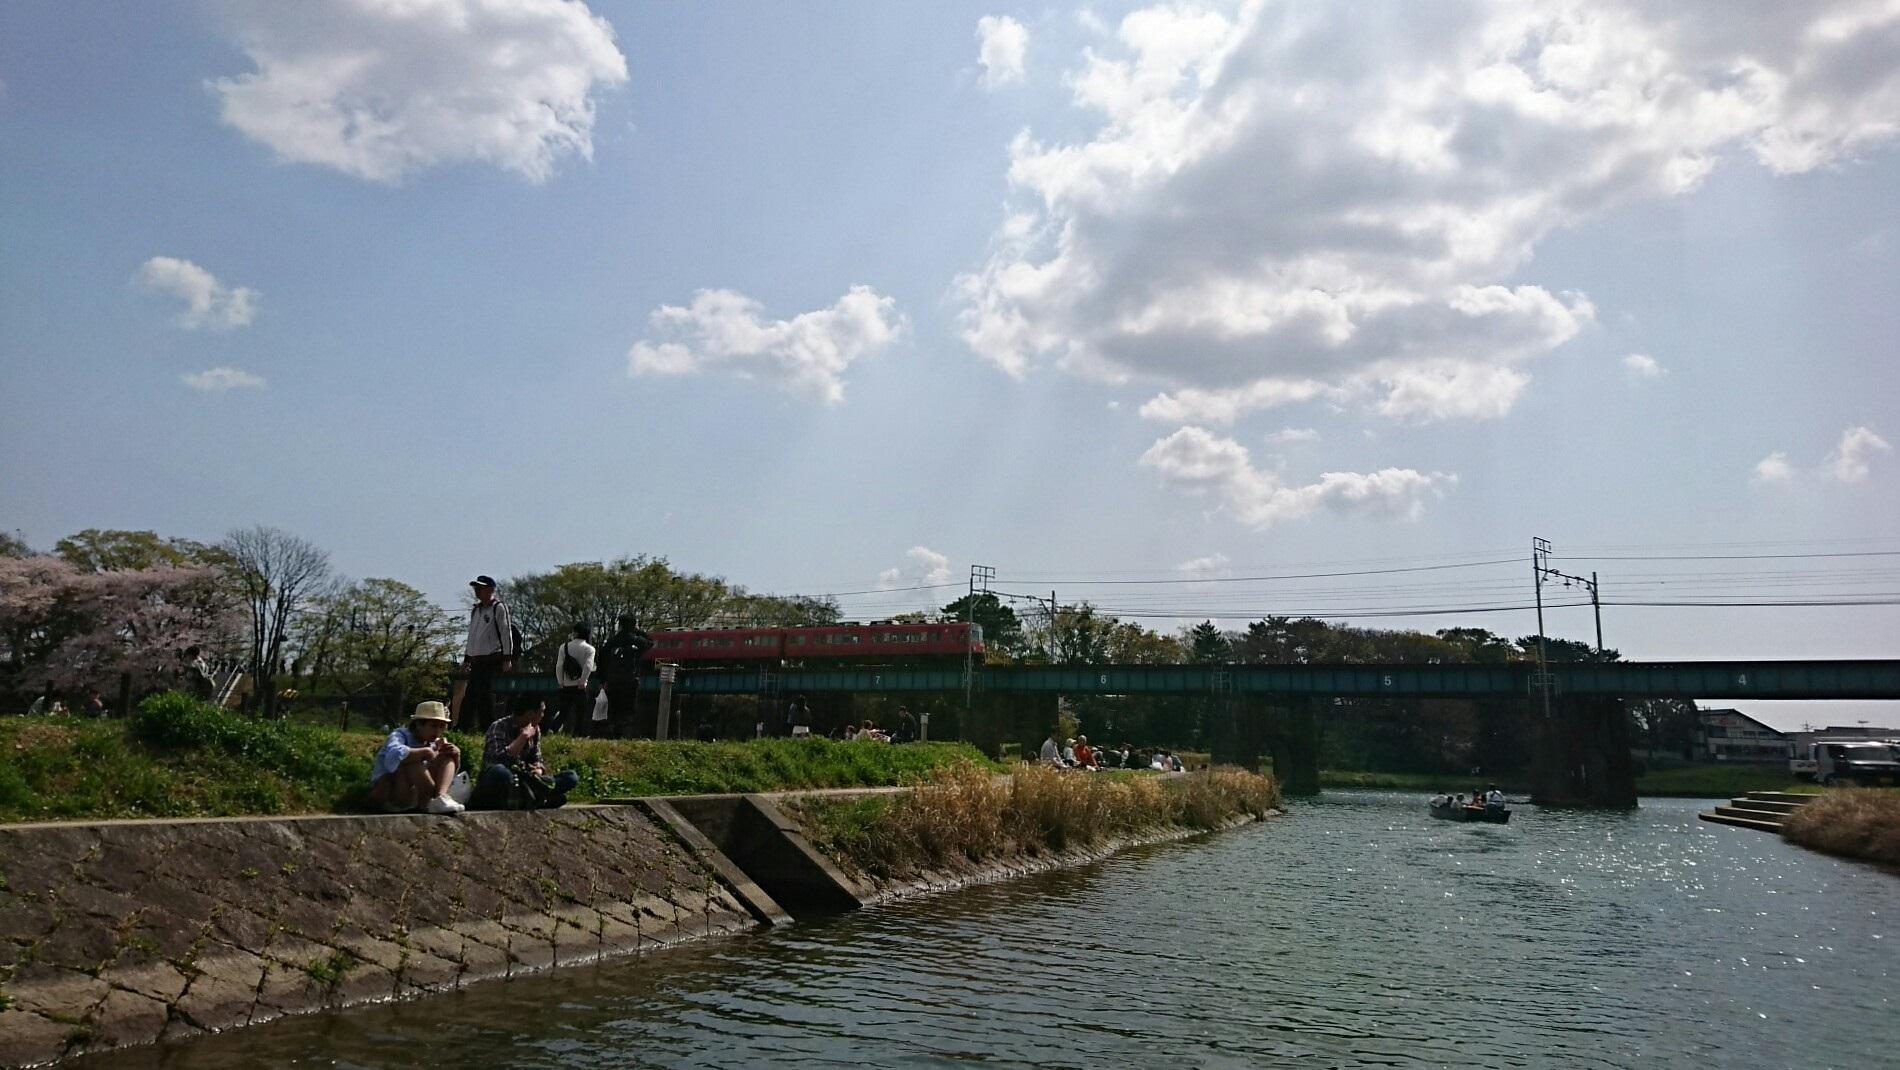 2018.3.31 岡崎ふなあそび (52) 伊賀川くだり - 名古屋本線鉄橋 1900-1070